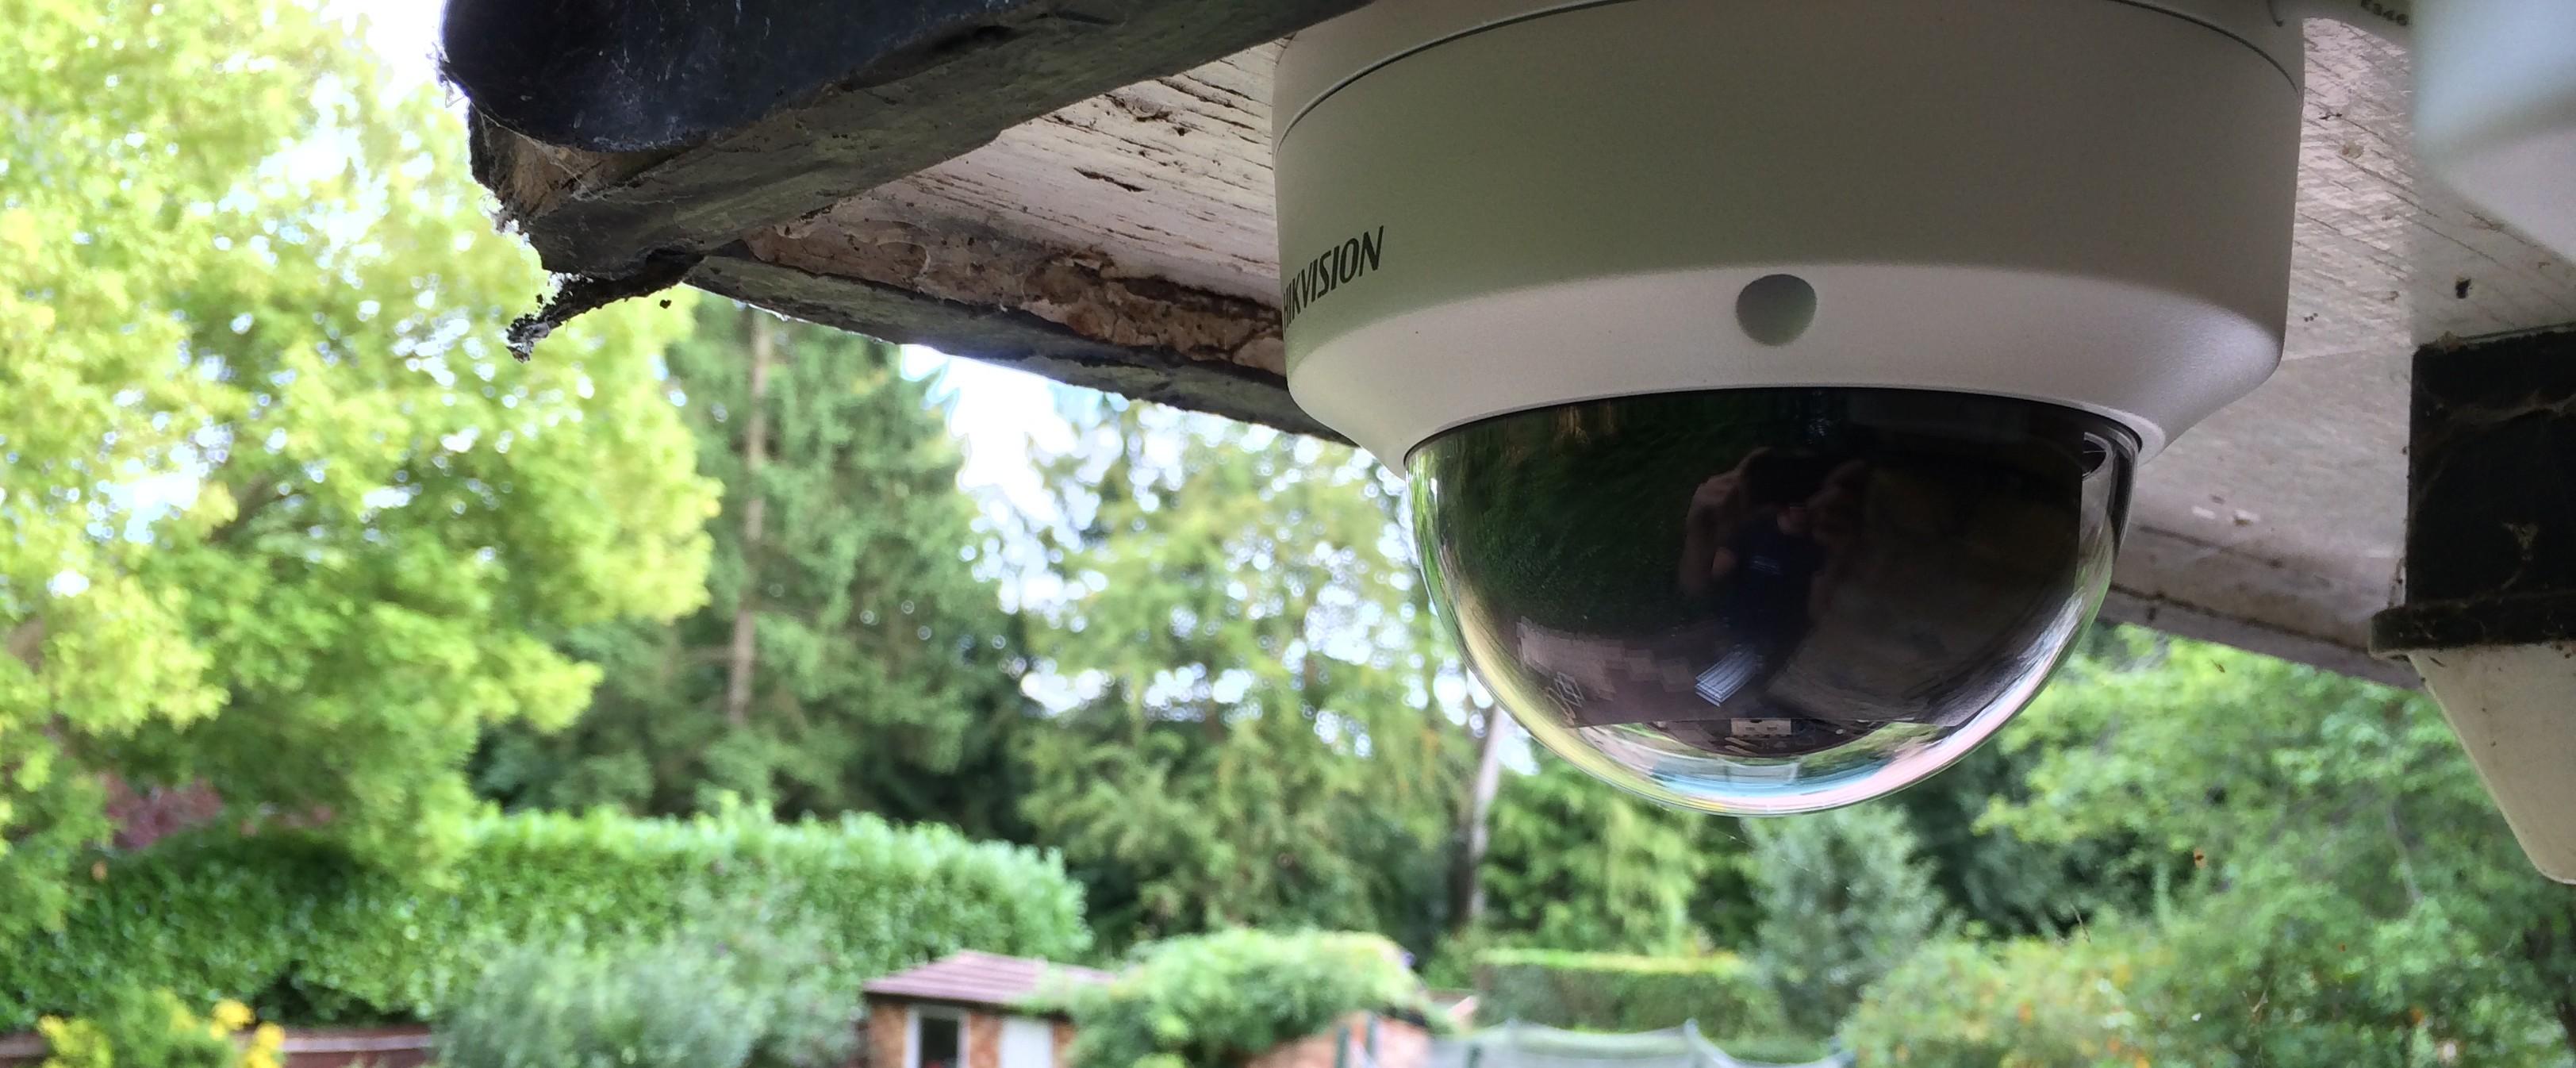 alarm systems hertfordshire 003